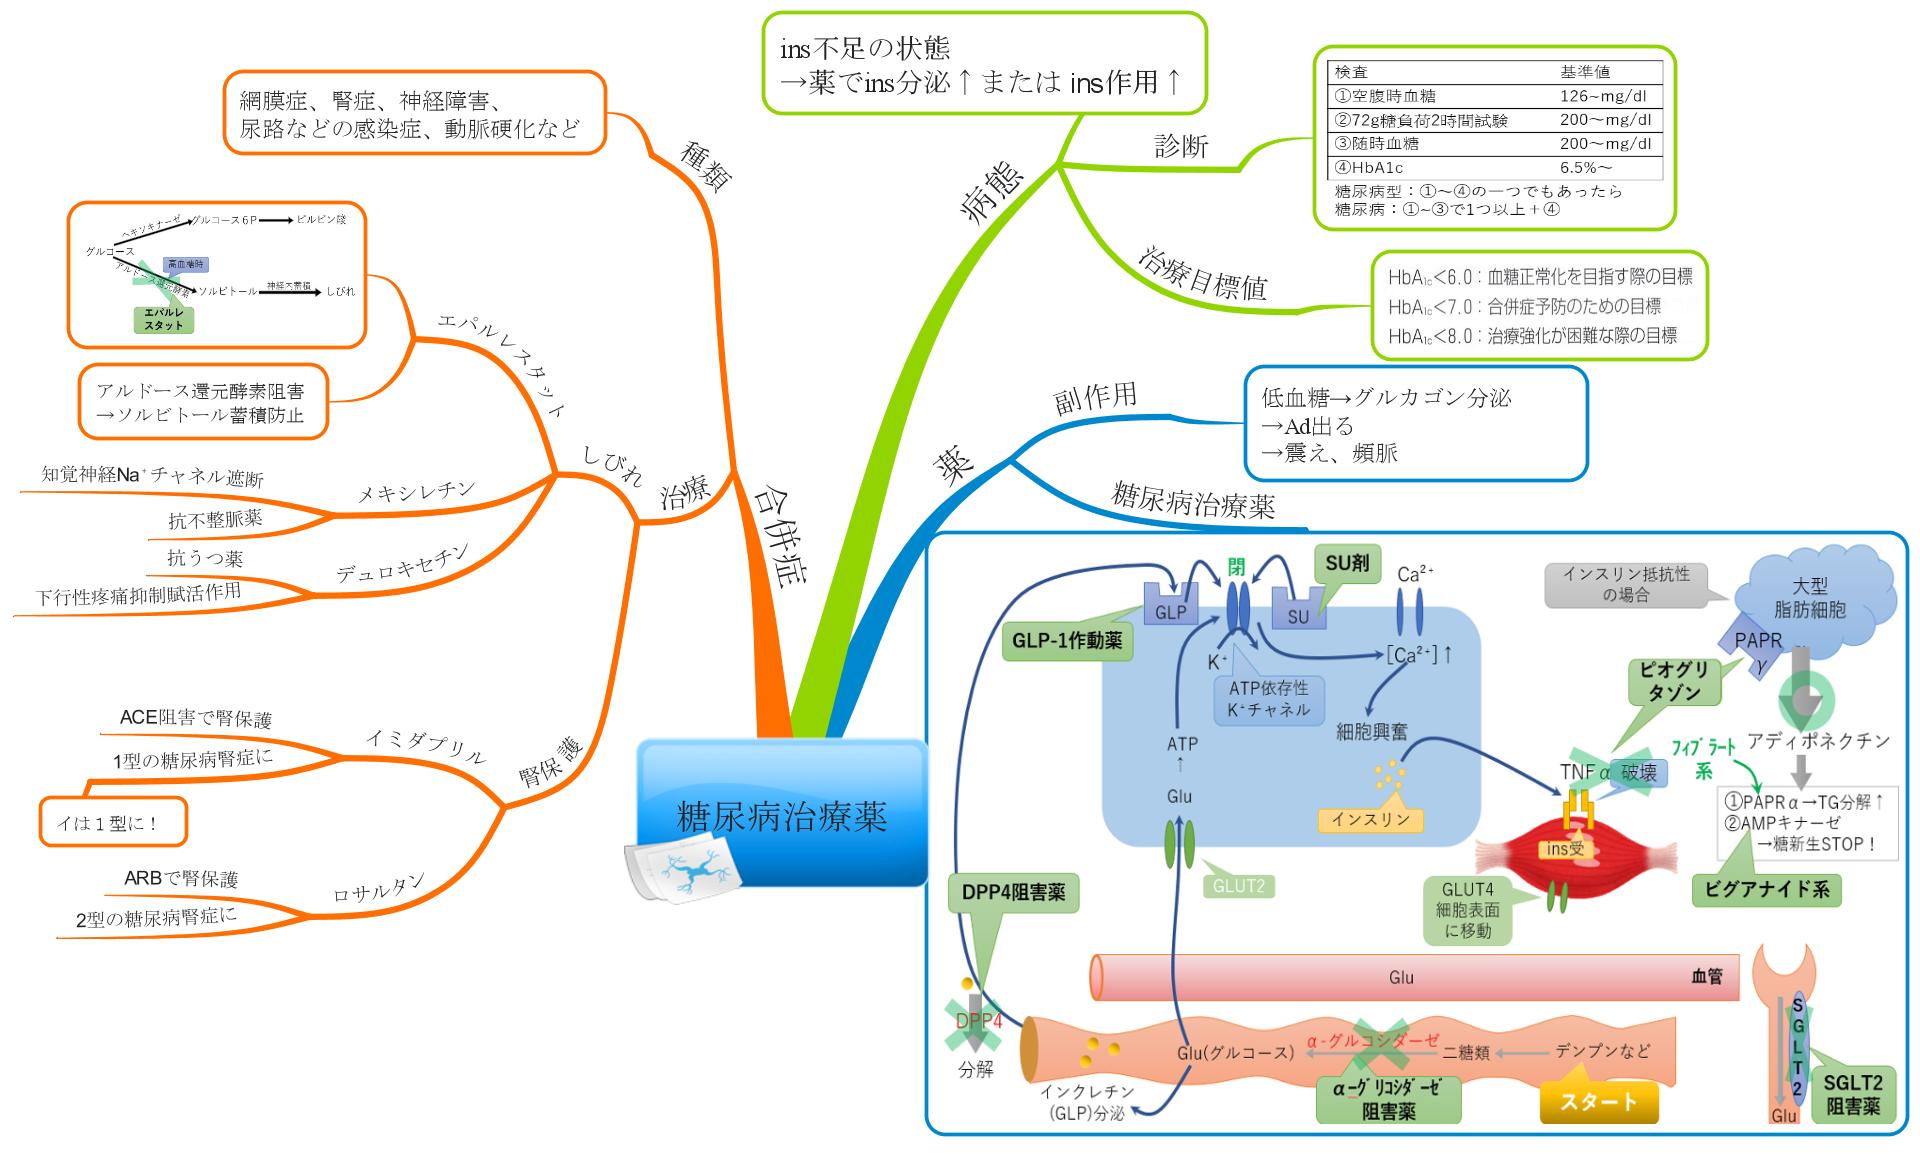 糖尿病のマインドマップ